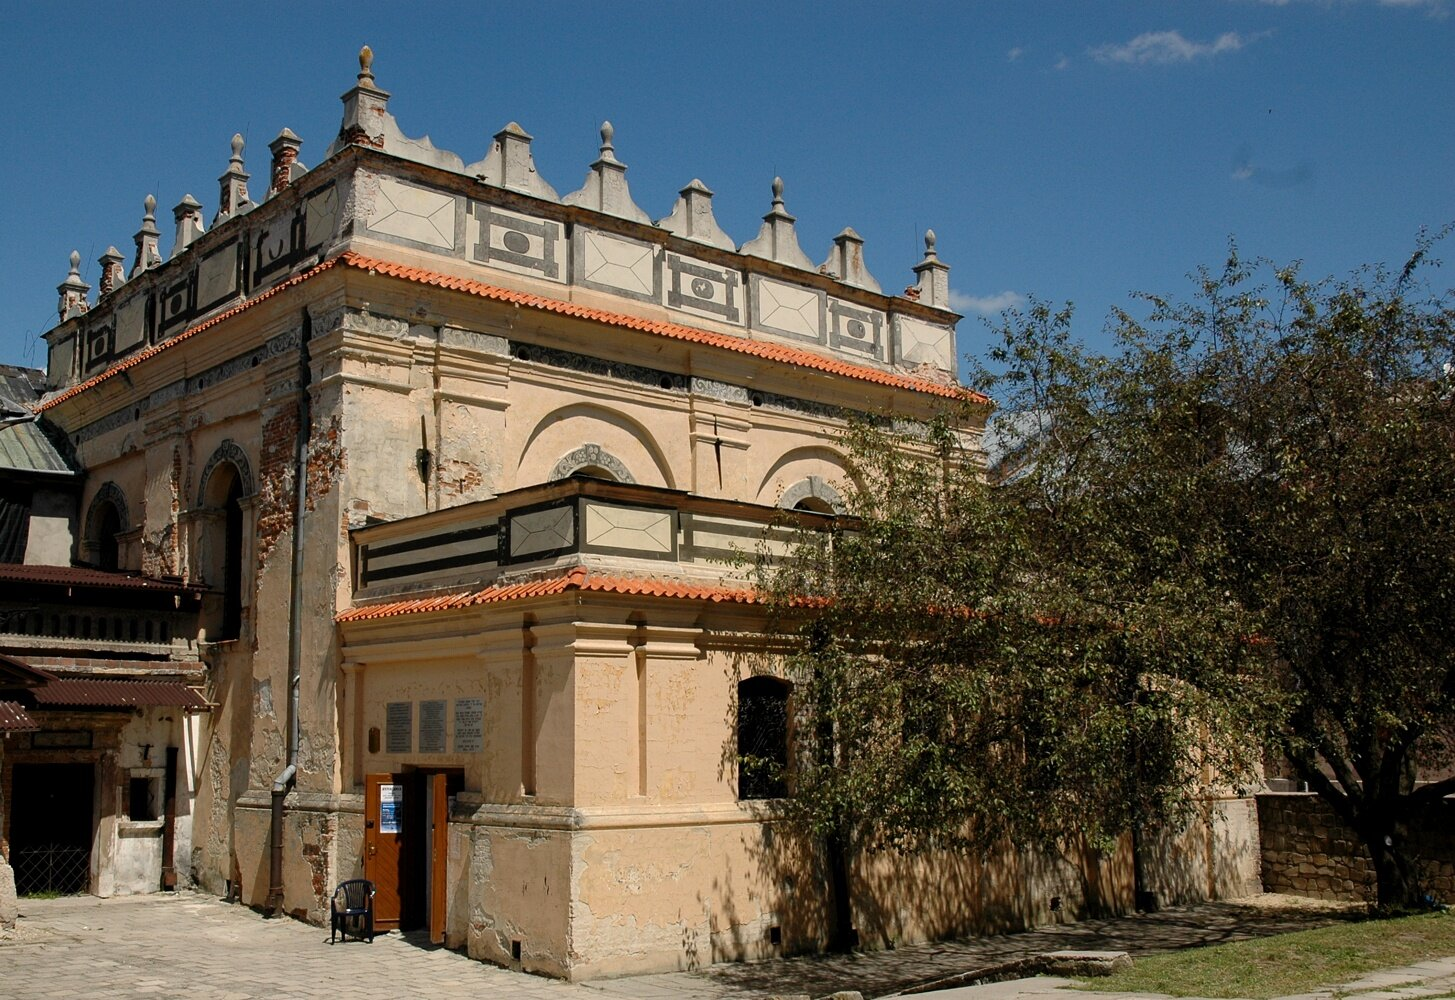 Synagoga wZamościu Synagoga wZamościu Źródło: Mceurytos, Wikimedia Commons, licencja: CC BY-SA 3.0.